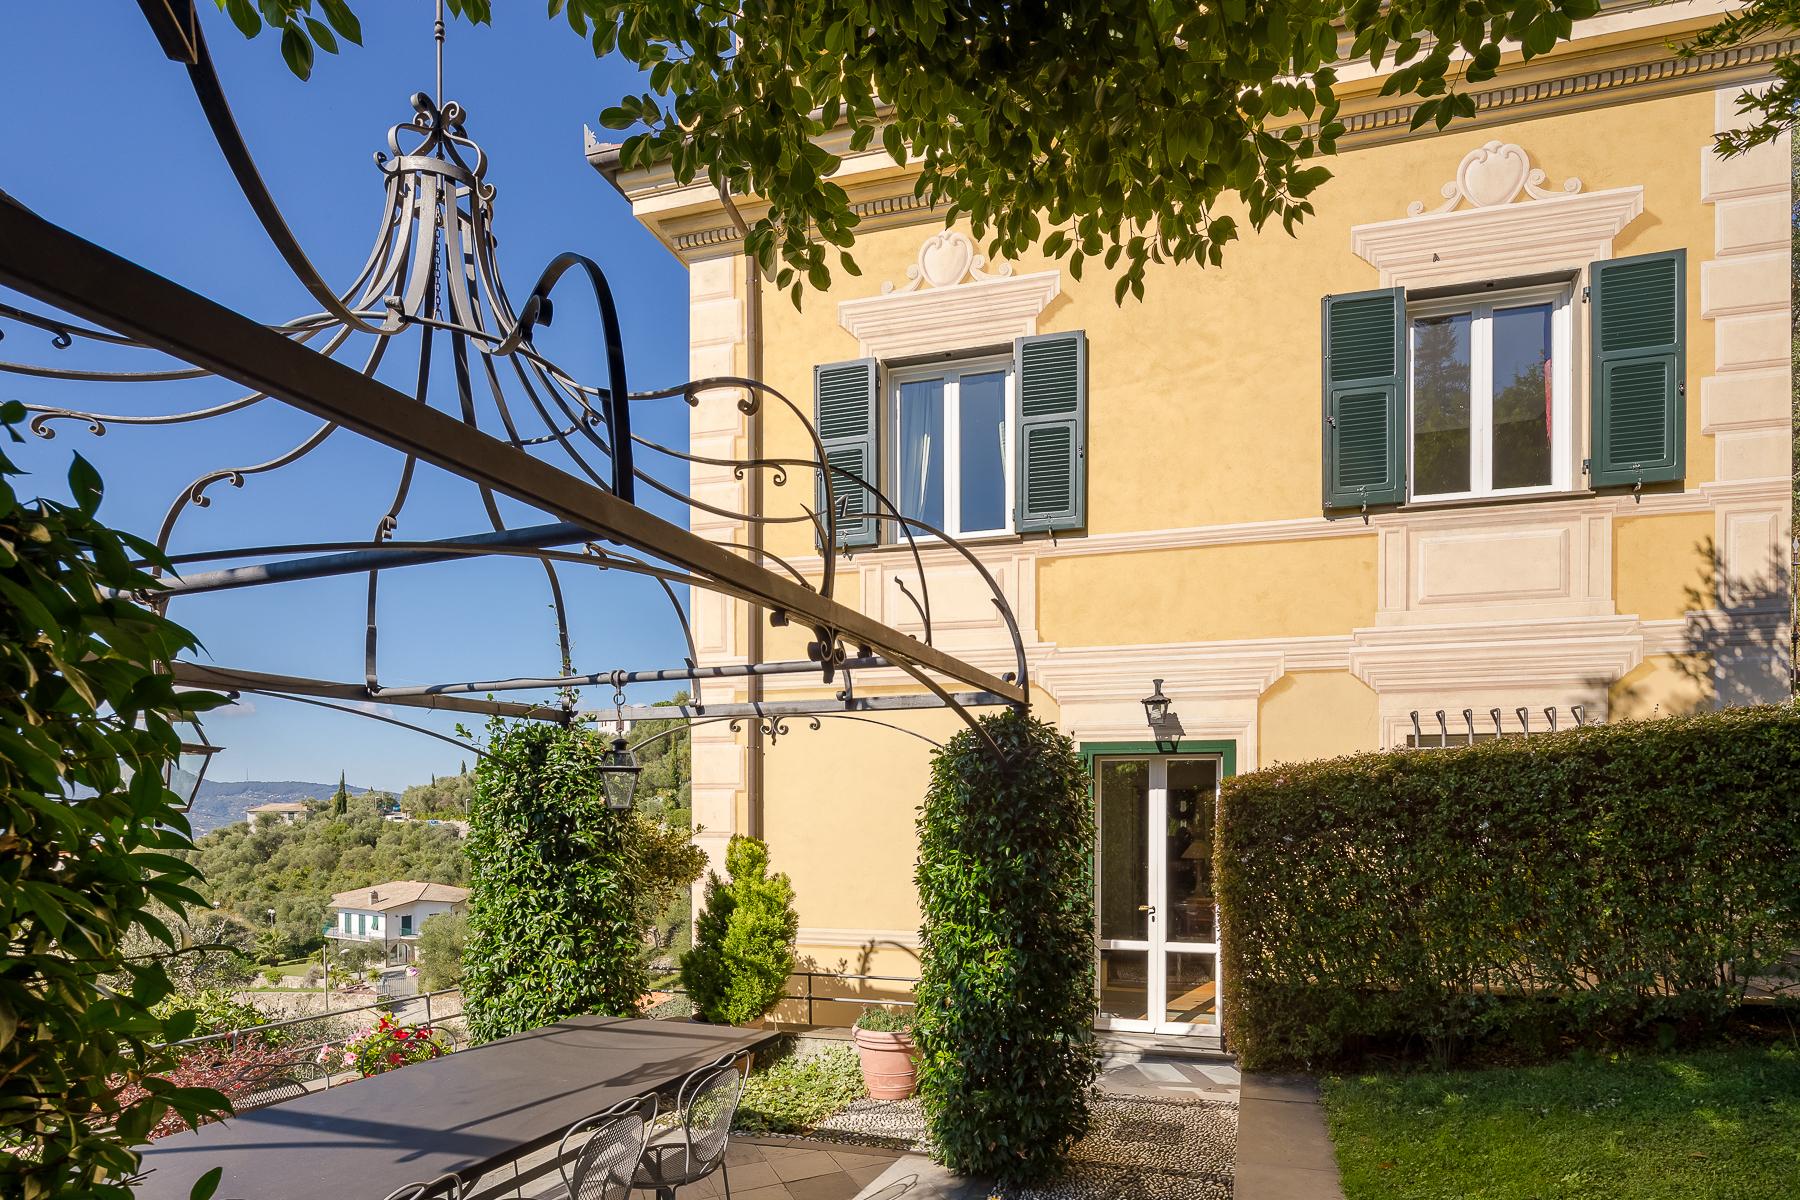 Villa in Vendita a Chiavari: 5 locali, 400 mq - Foto 5